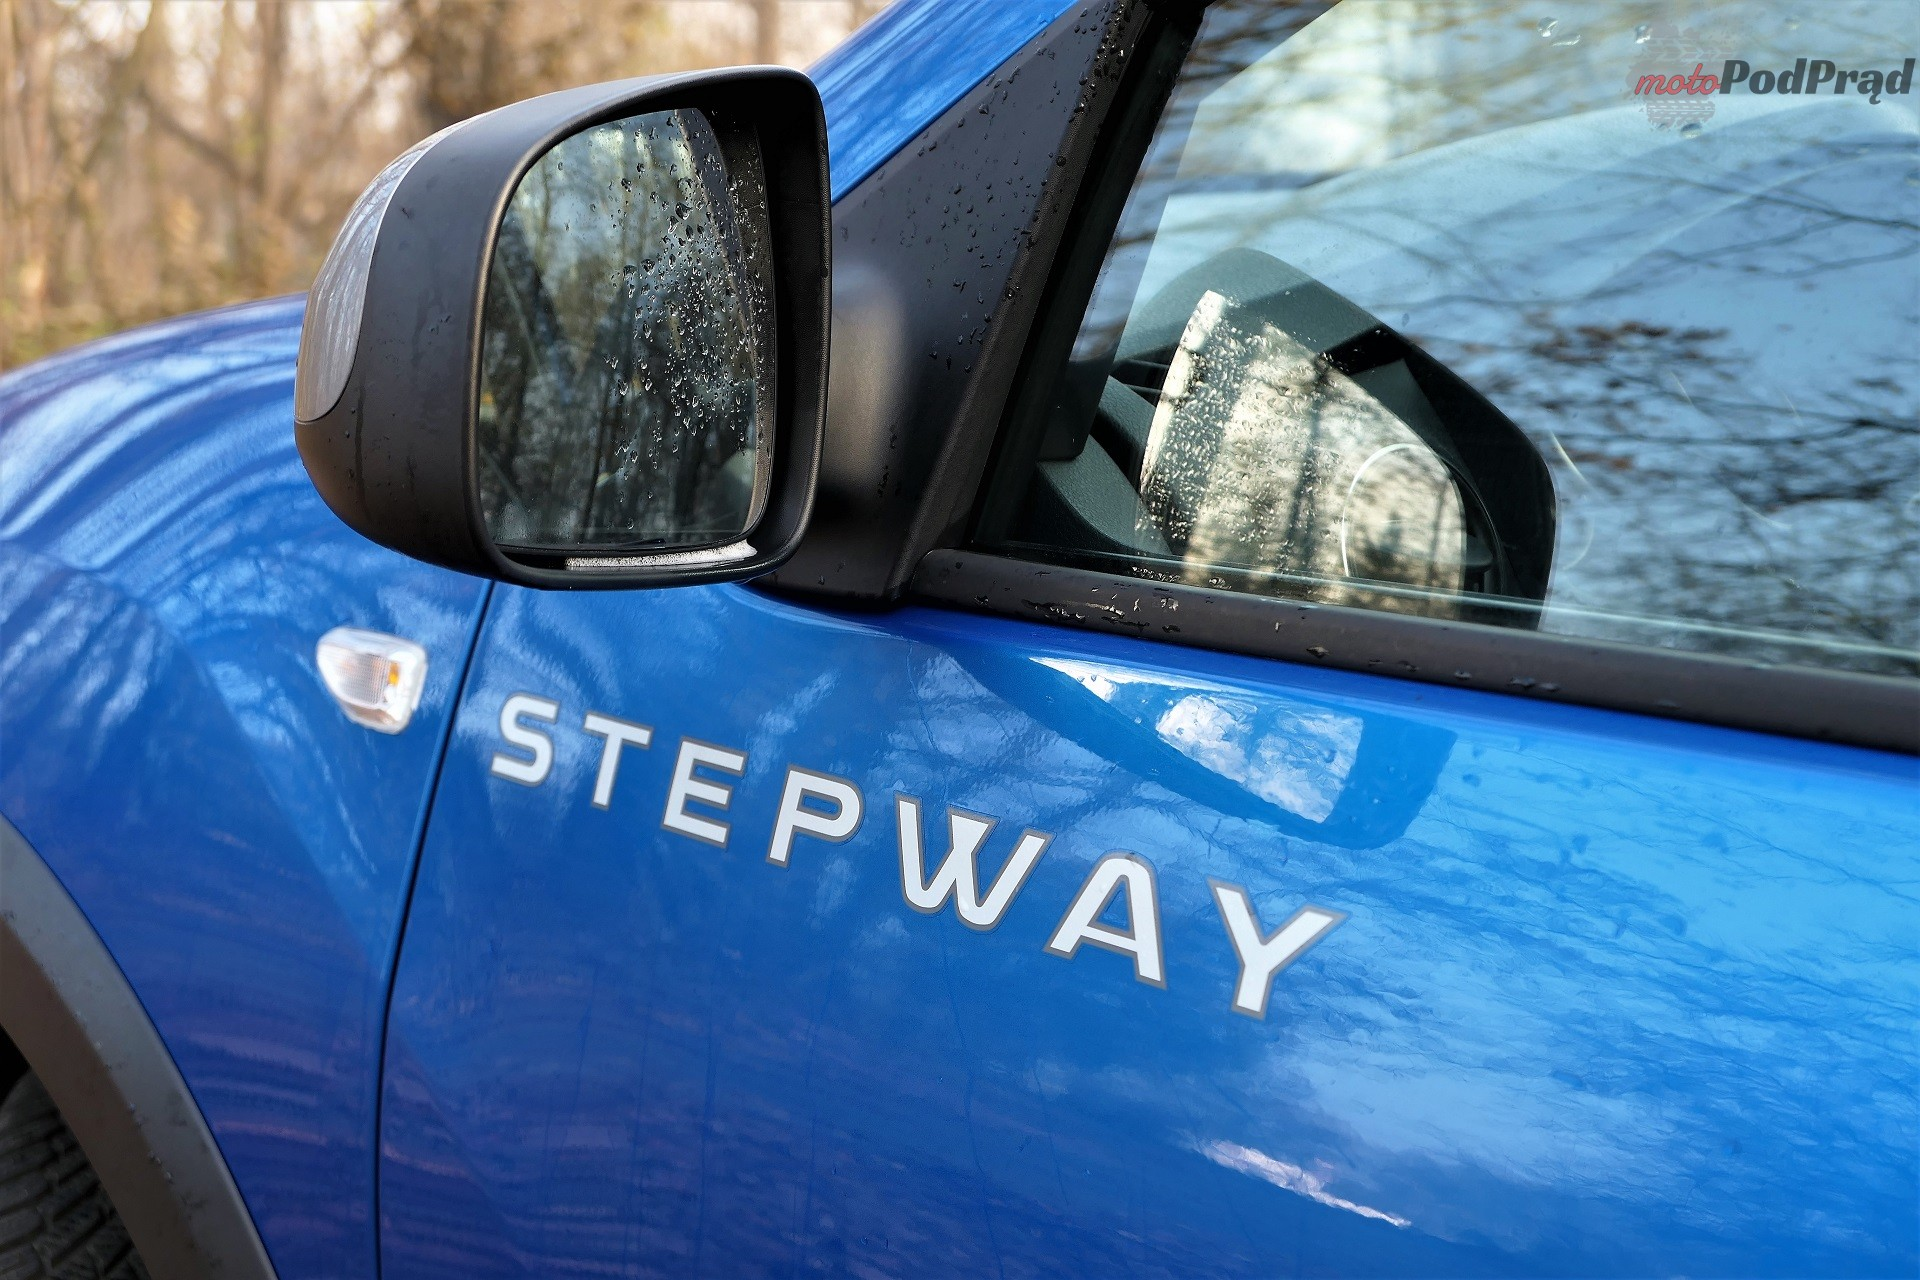 Dacia Sandero Stepway 16 Test: Dacia Sandero Stepway   w prostocie siła